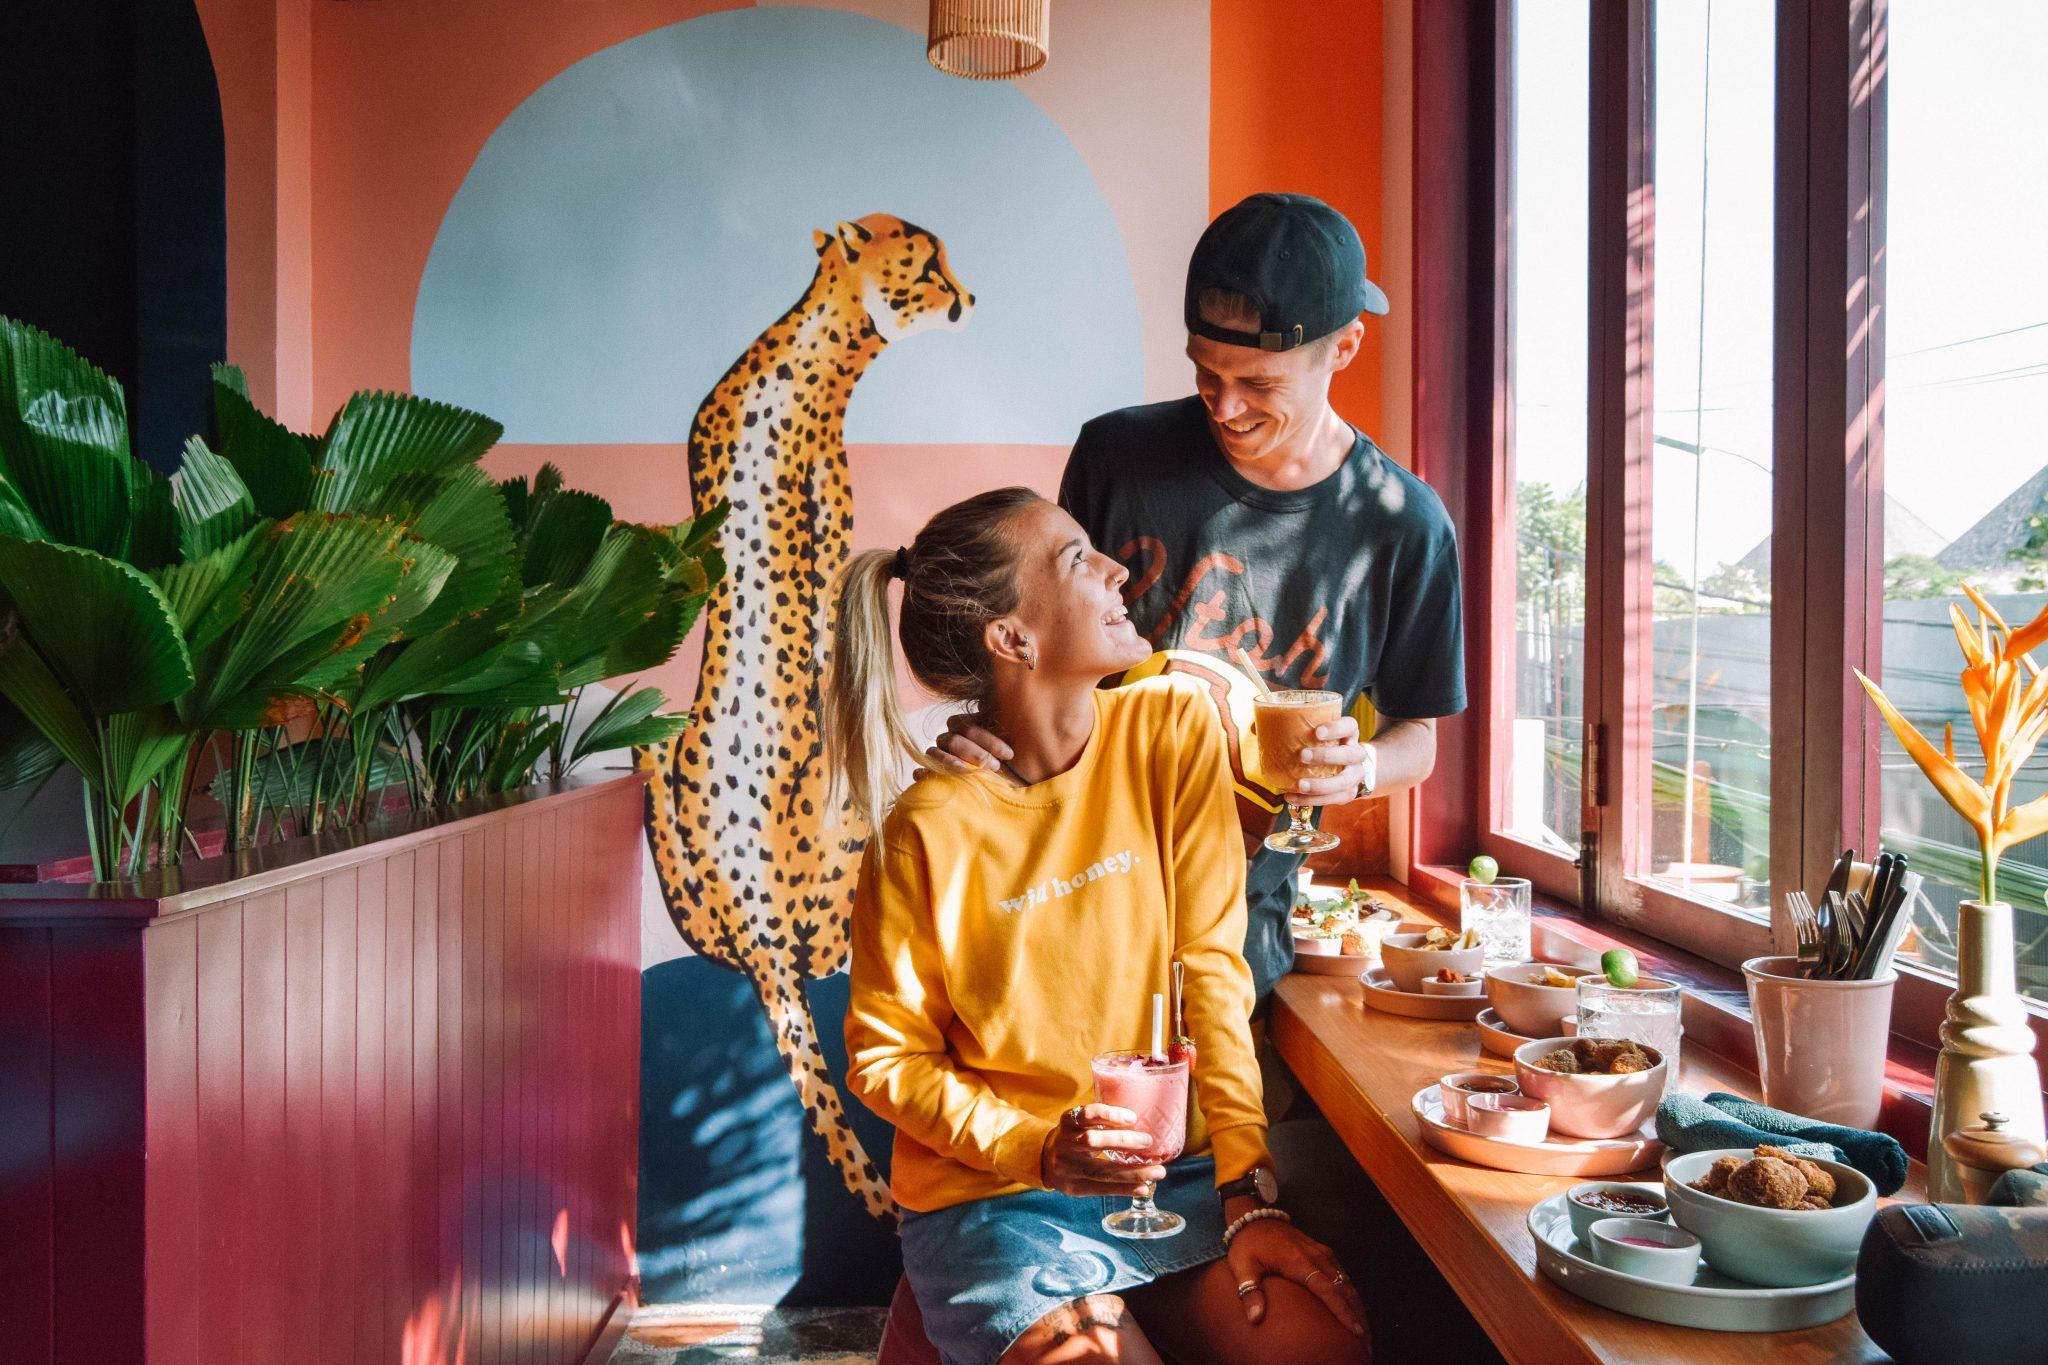 Wanderers & Warriors - Charlie & Lauren UK Travel Couple - Neon Palms Bali - Best Restaurants In Bali Restaurants - Best Restaurants In Seminyak